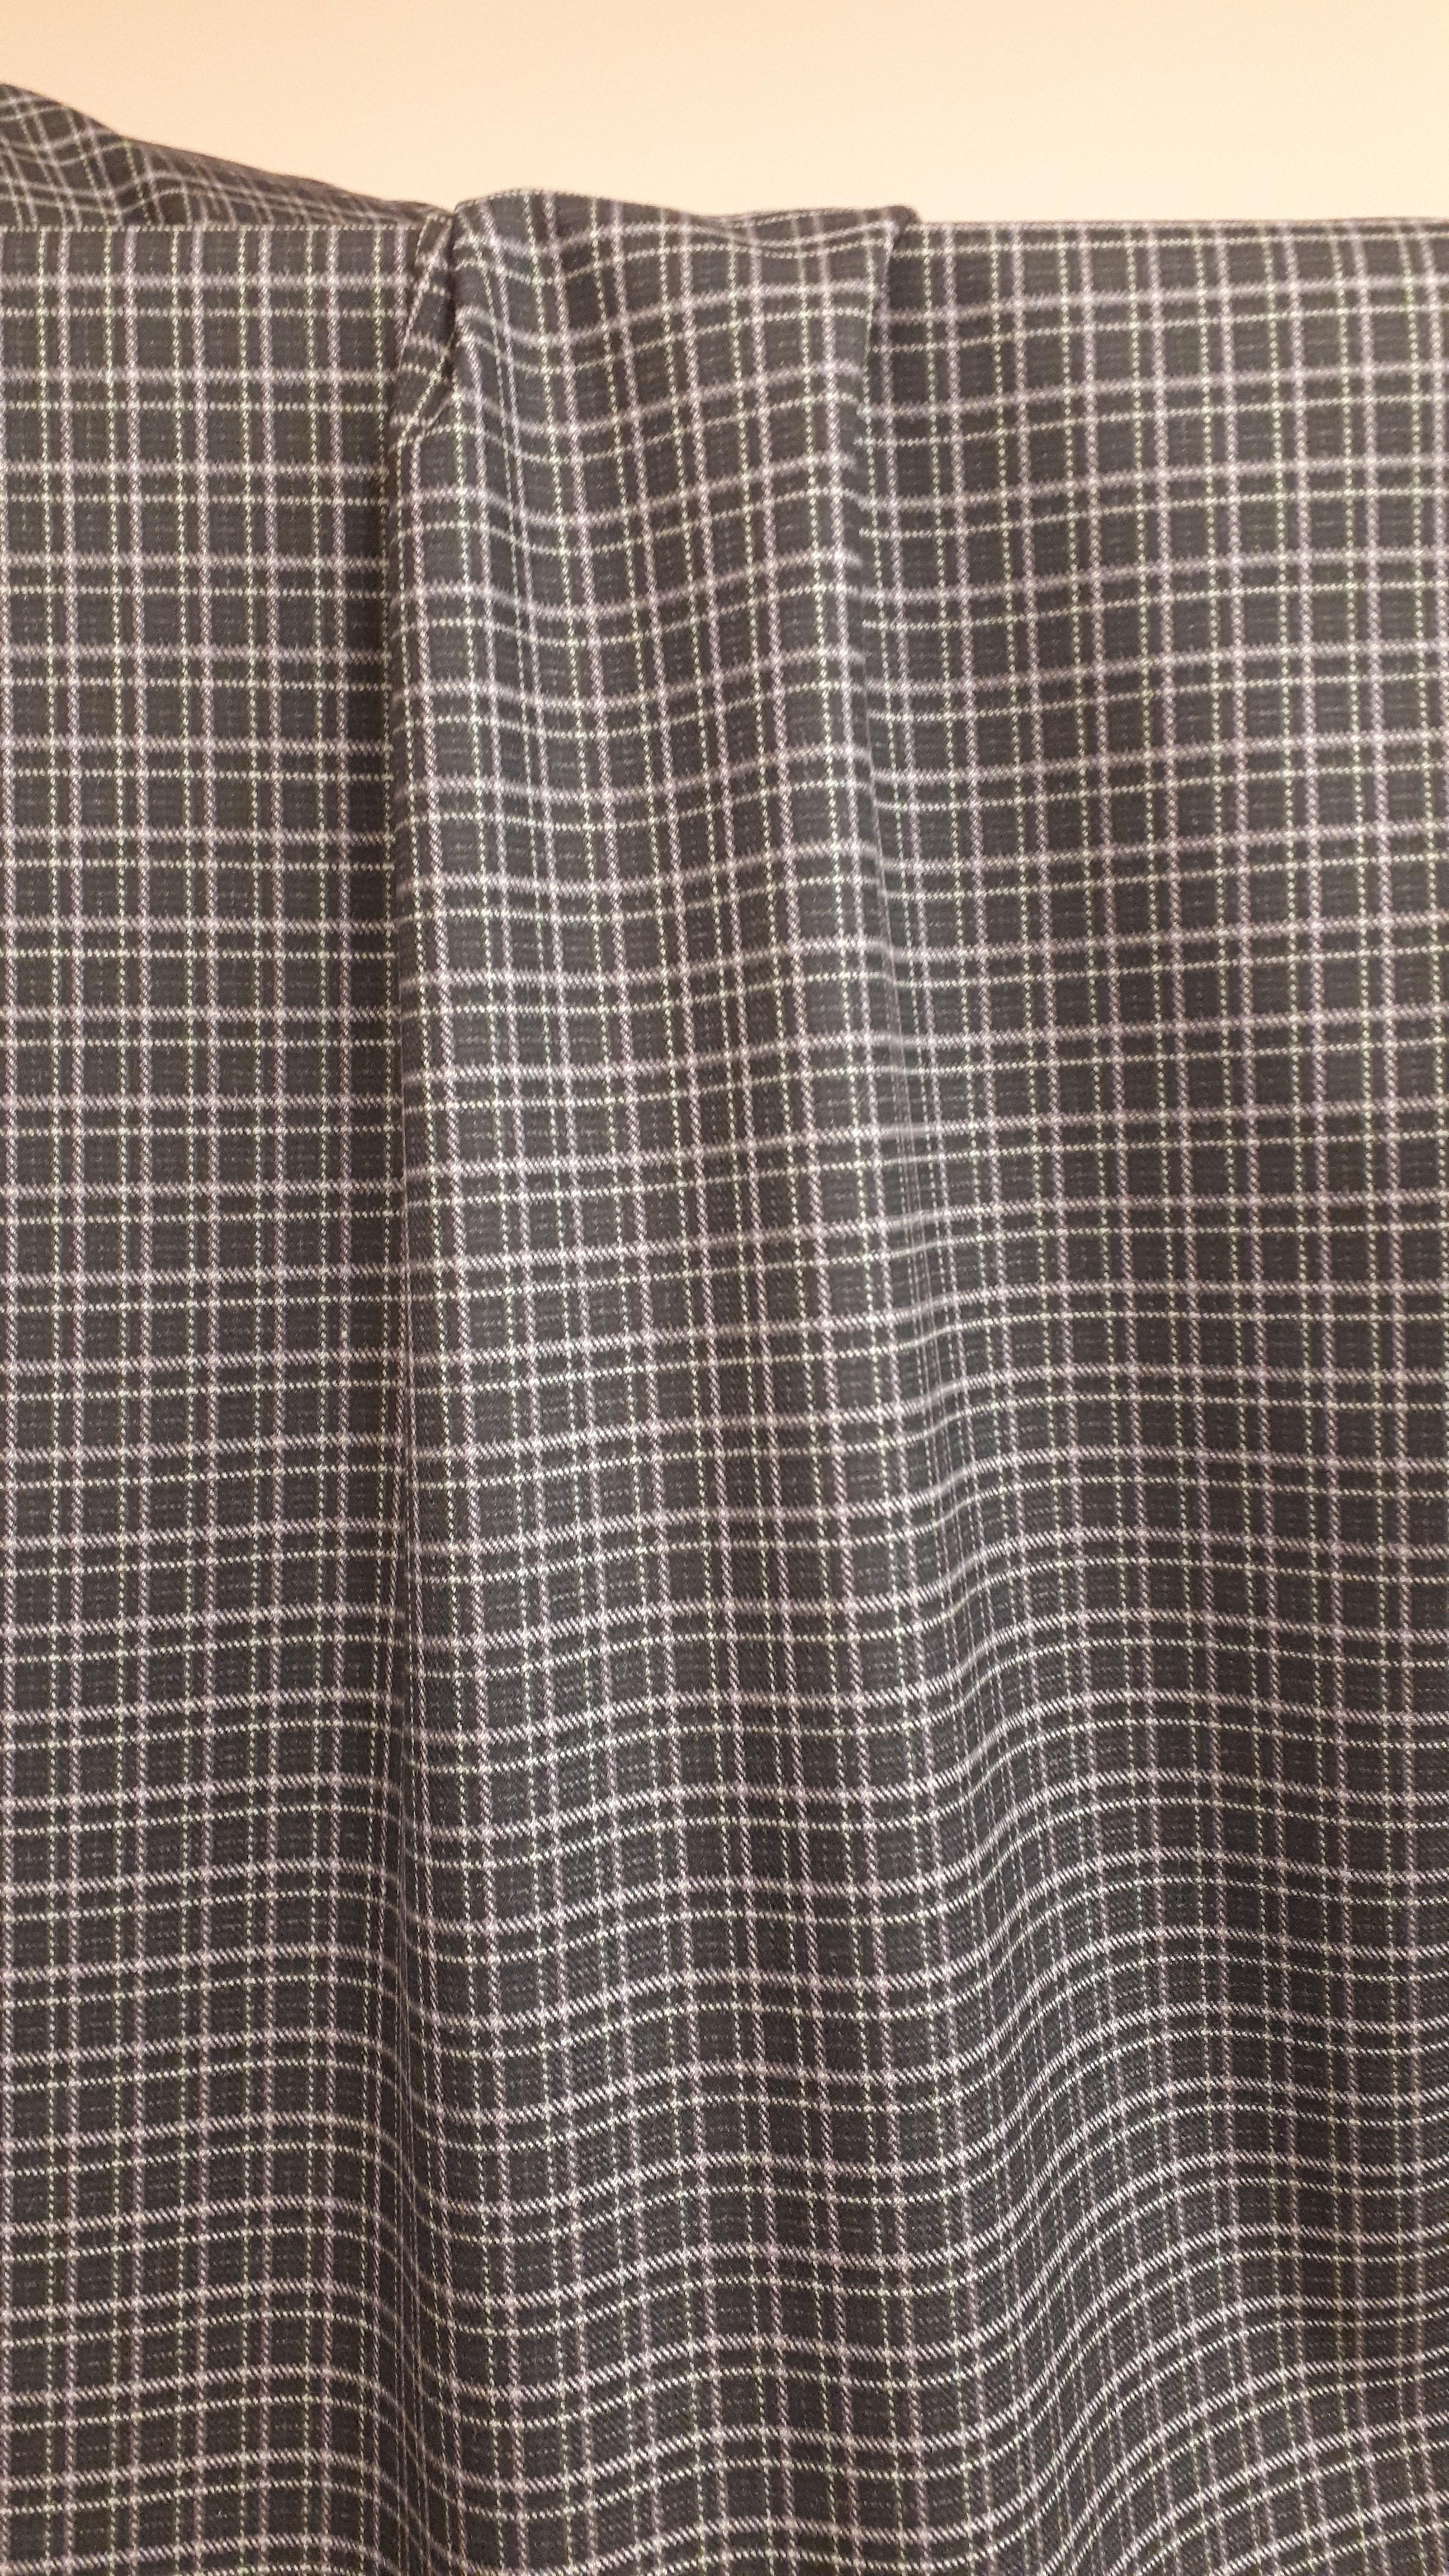 Rūtains kleitu/kostīmu audums ar elastānu